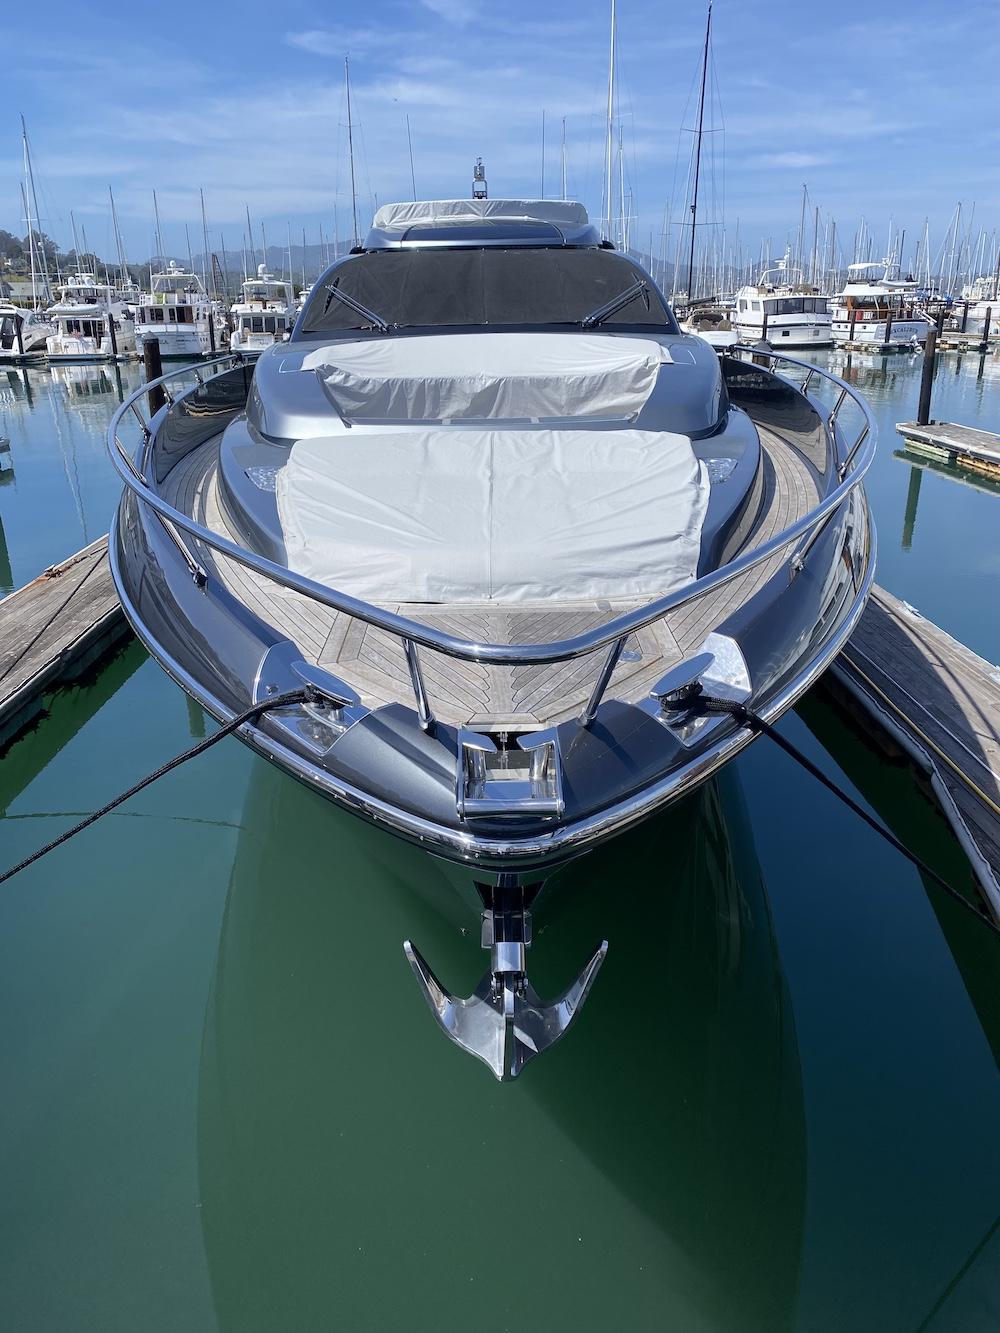 Sausalito Marinas - Sausalito Yacht Harbor